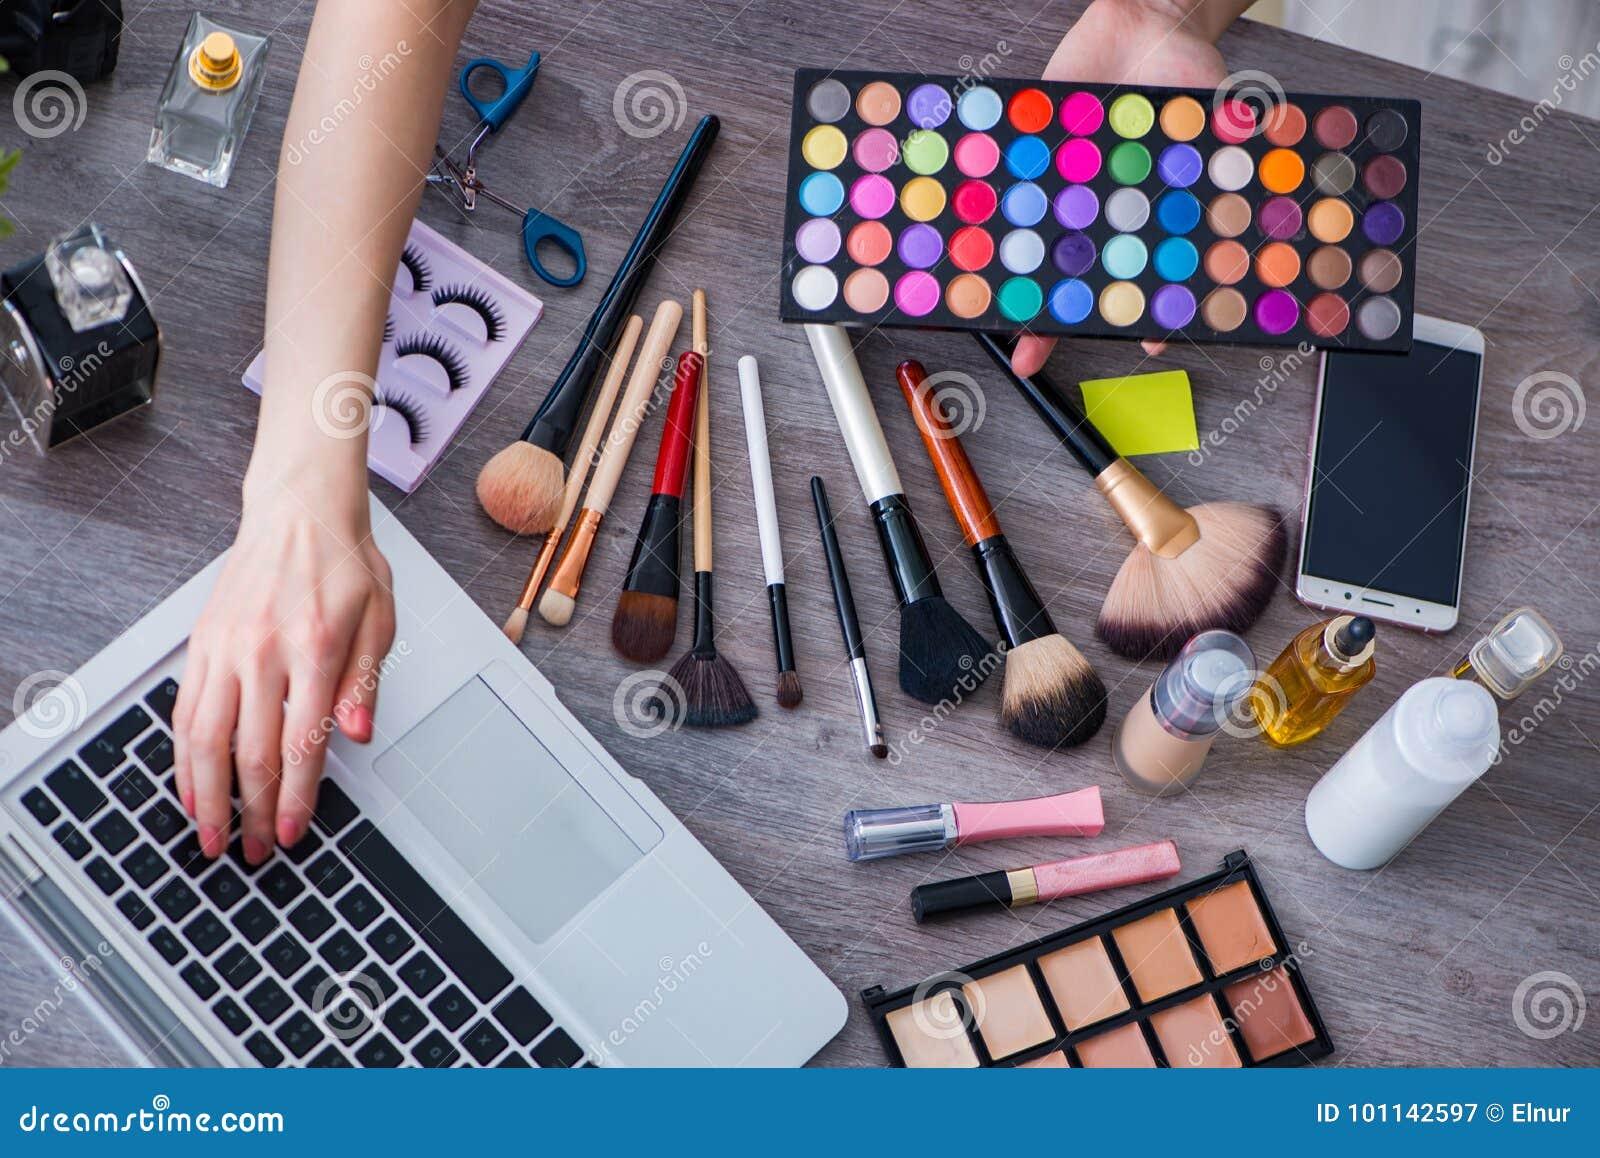 Le blogger de mode avec des accessoires de maquillage